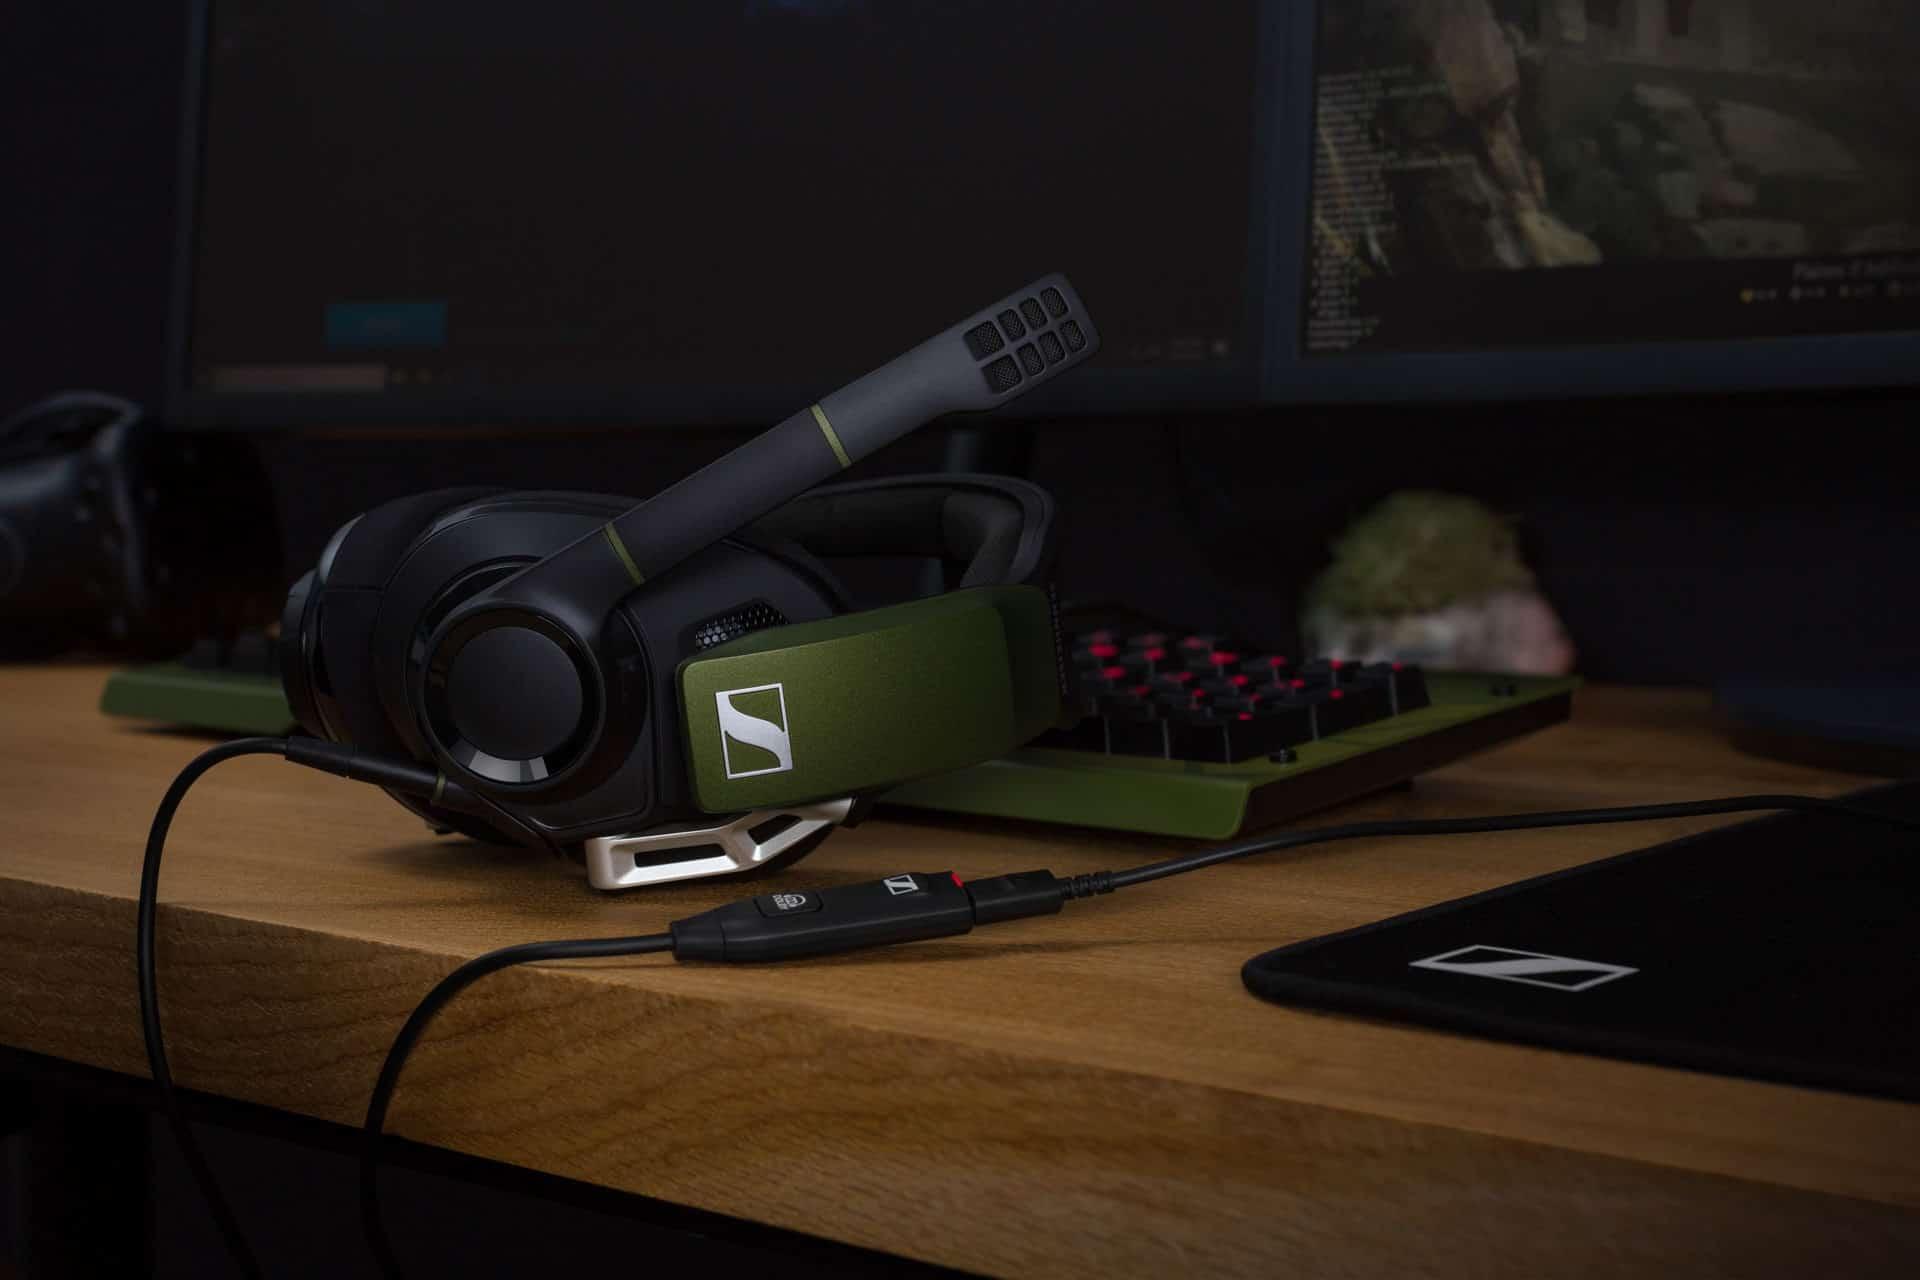 Sluchátka Sennheiser GSP 550 s nekompromisním prostorovým zvukem